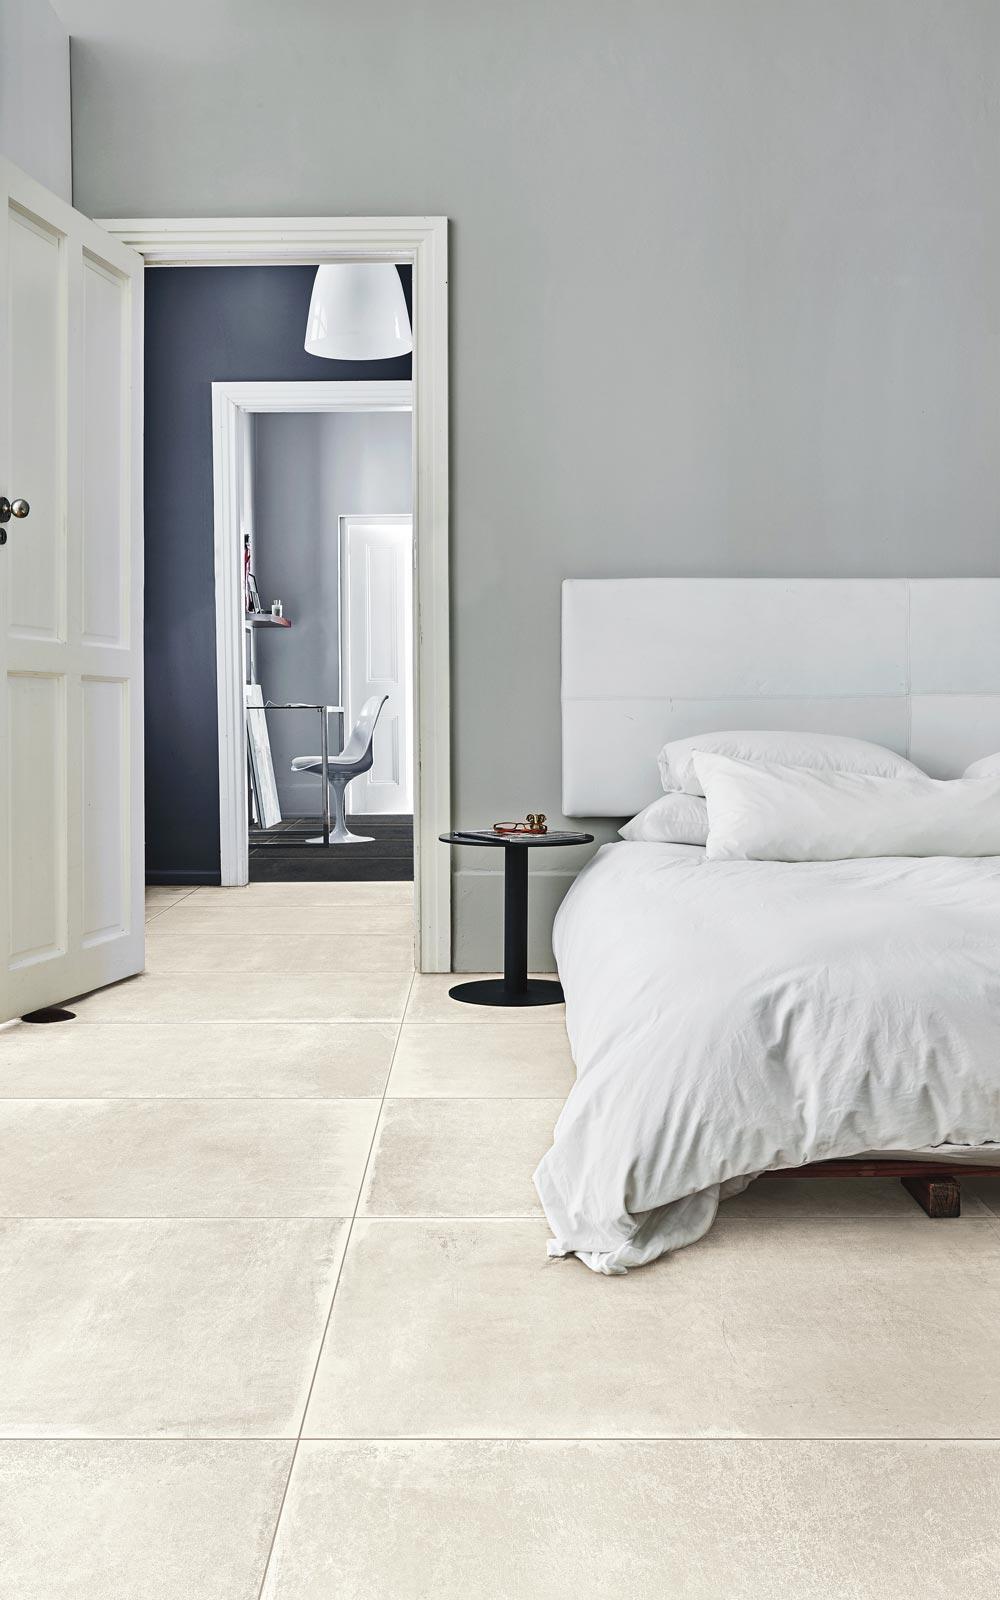 carrelage chambre coucher c ramique pour l 39 espace nuit ragno. Black Bedroom Furniture Sets. Home Design Ideas